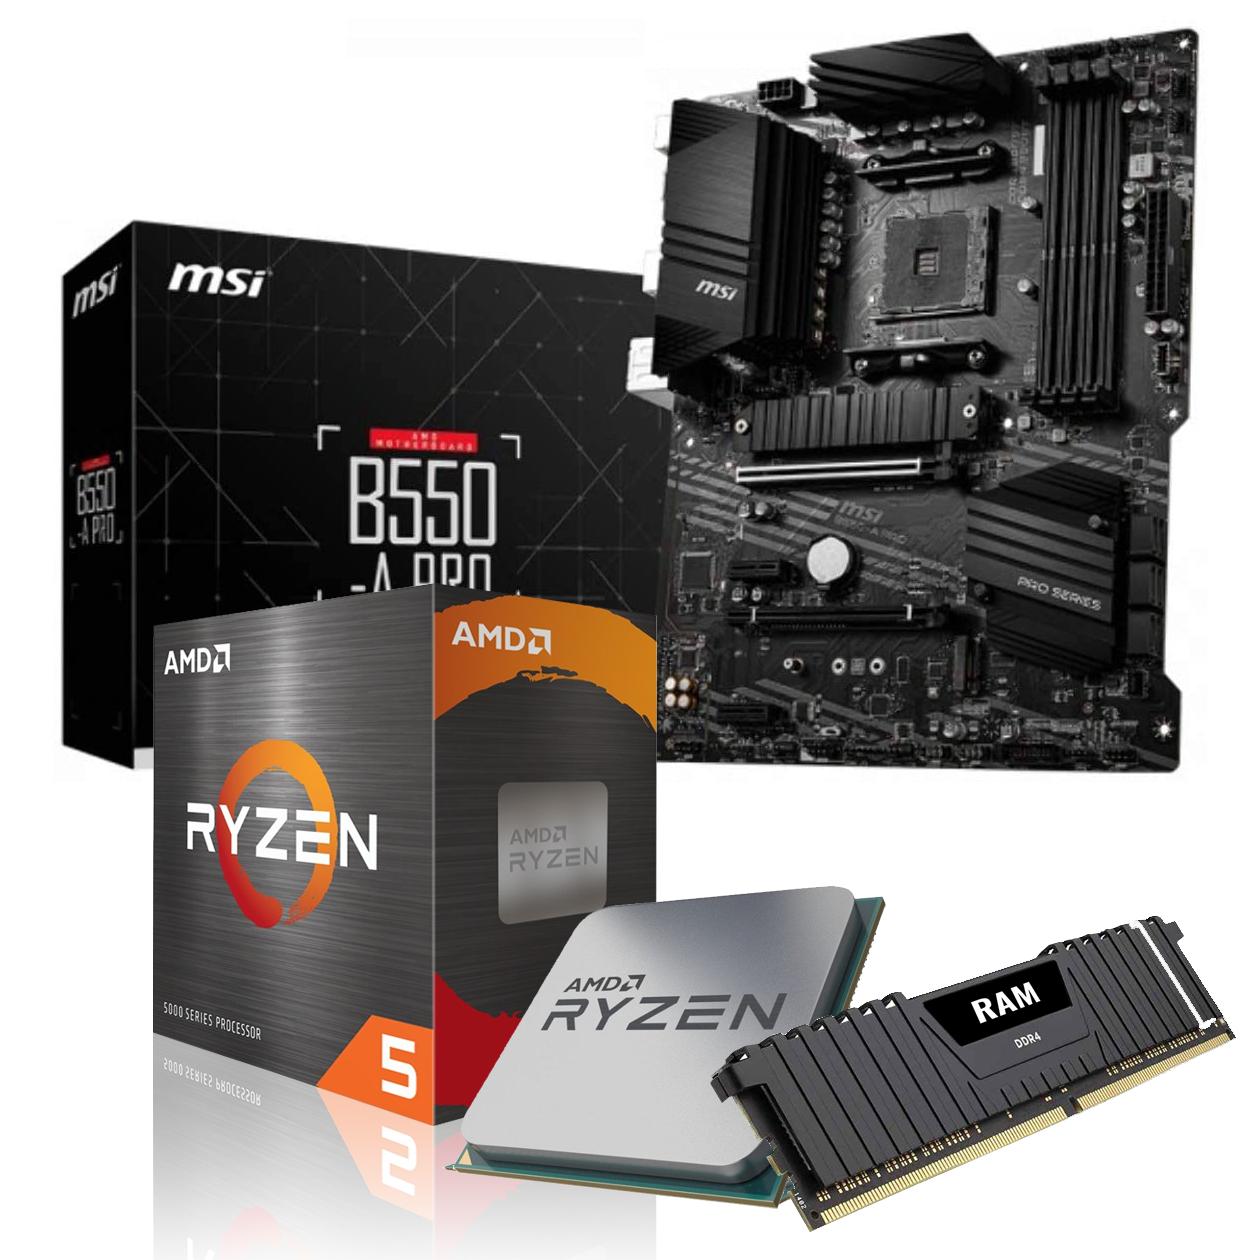 Kit Evo: Carte Mère MSI B550-A Pro + Processeur AMD Ryzen 5 5600X 6x 3,7 GHz + Mémoire 16 Go DDR4-3200